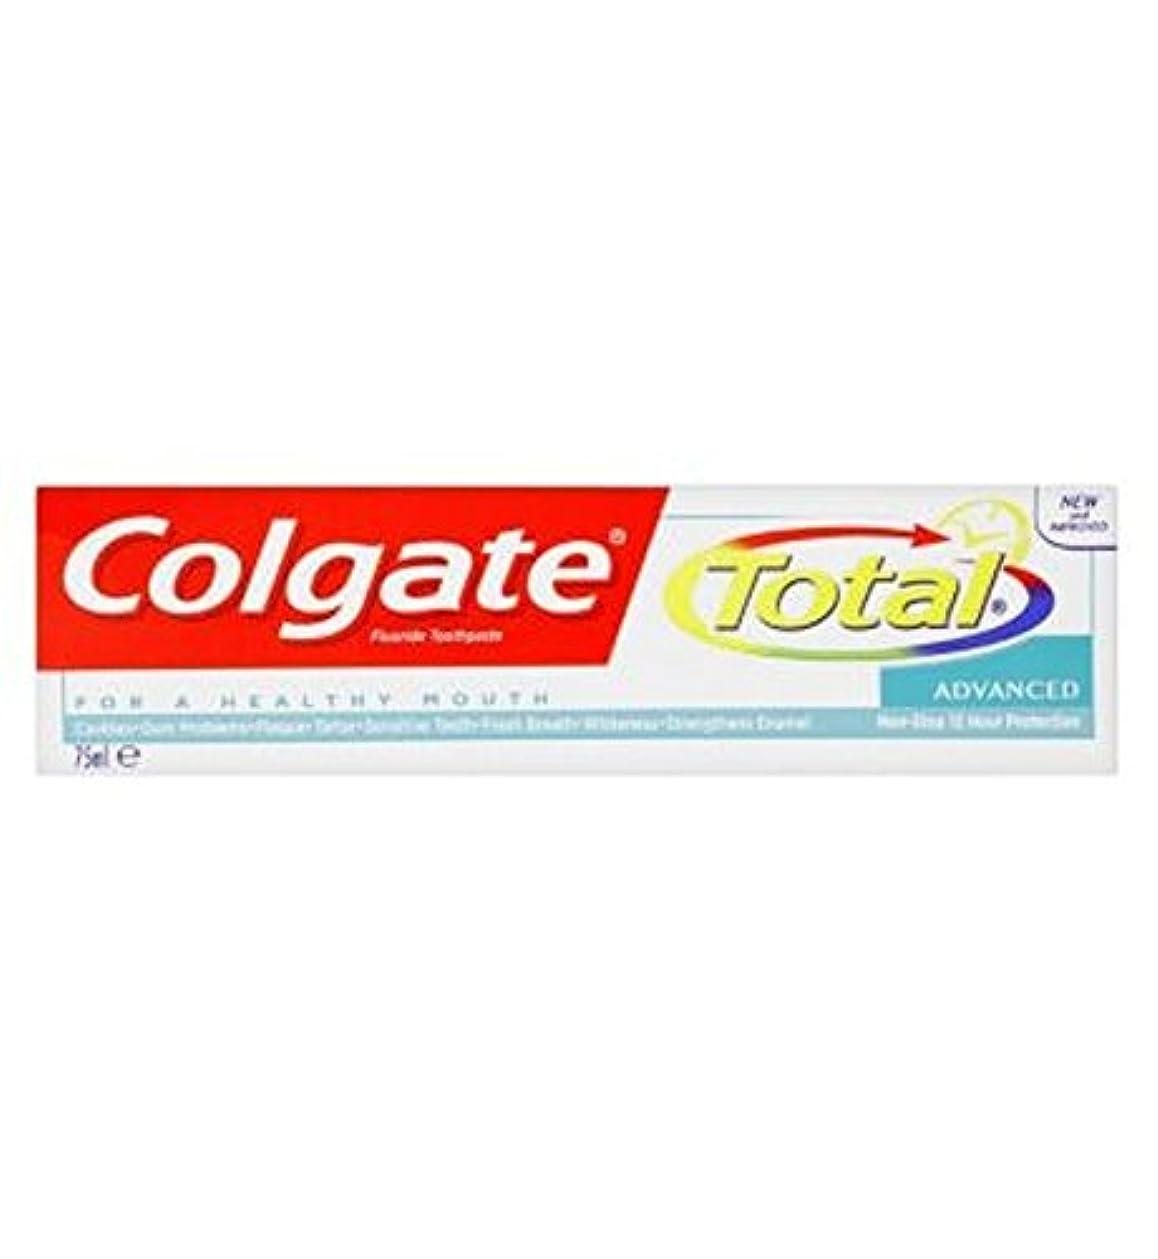 有彩色の大通り考古学者Colgate Total Advanced toothpaste 75ml - コルゲートトータル高度な歯磨き粉75ミリリットル (Colgate) [並行輸入品]